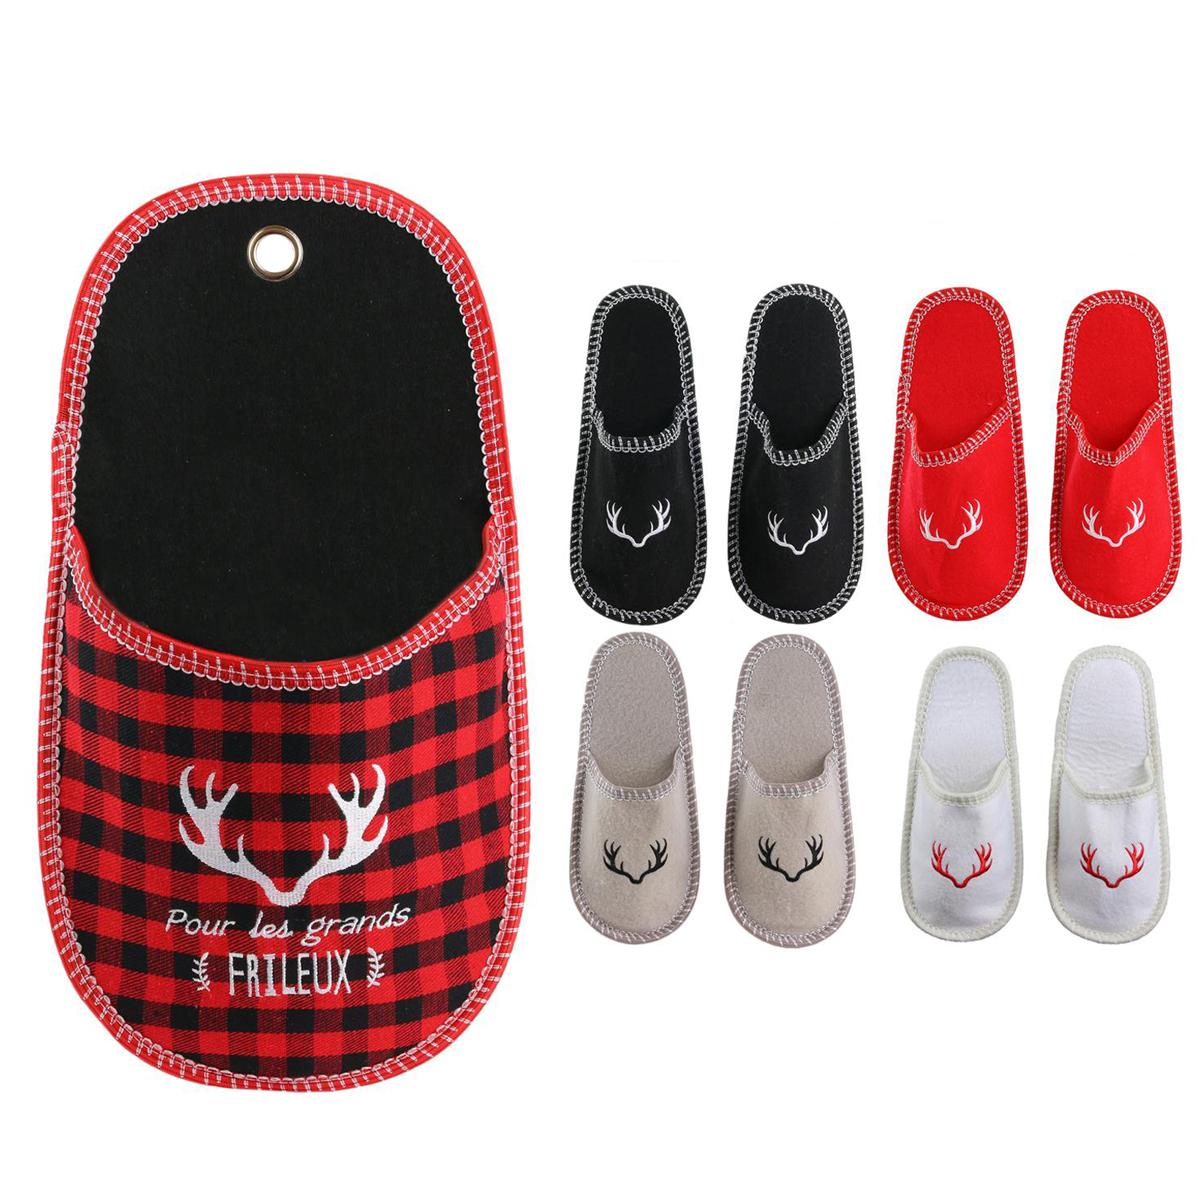 Porte-chausson garnie \'Tartan Ecossais\' rouge (pour les grands Frileux) - 465x26 cm (4 paires) - [Q4463]